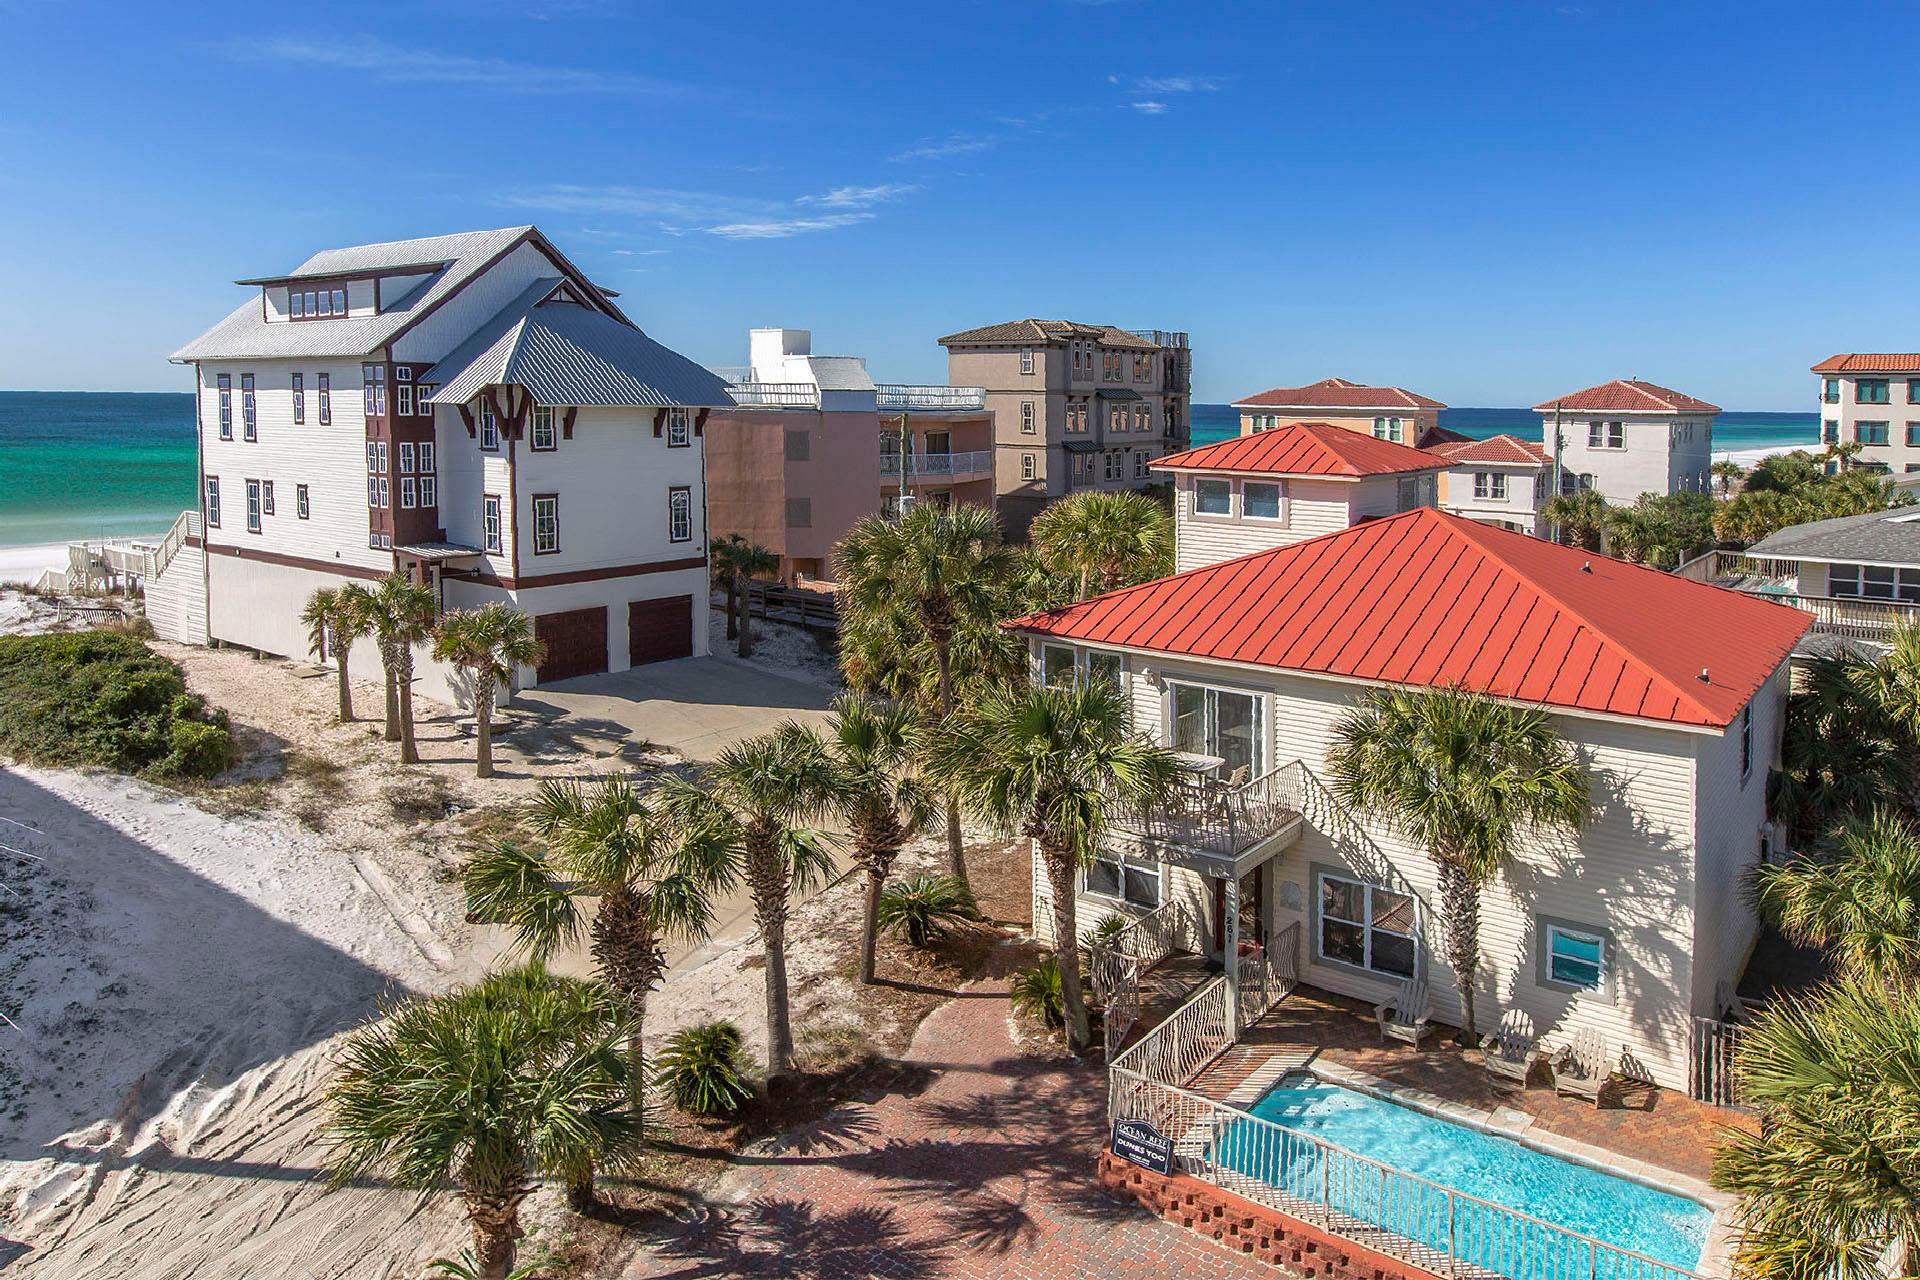 MLS# 870270 261 Open Gulf Street Miramar Beach, FL